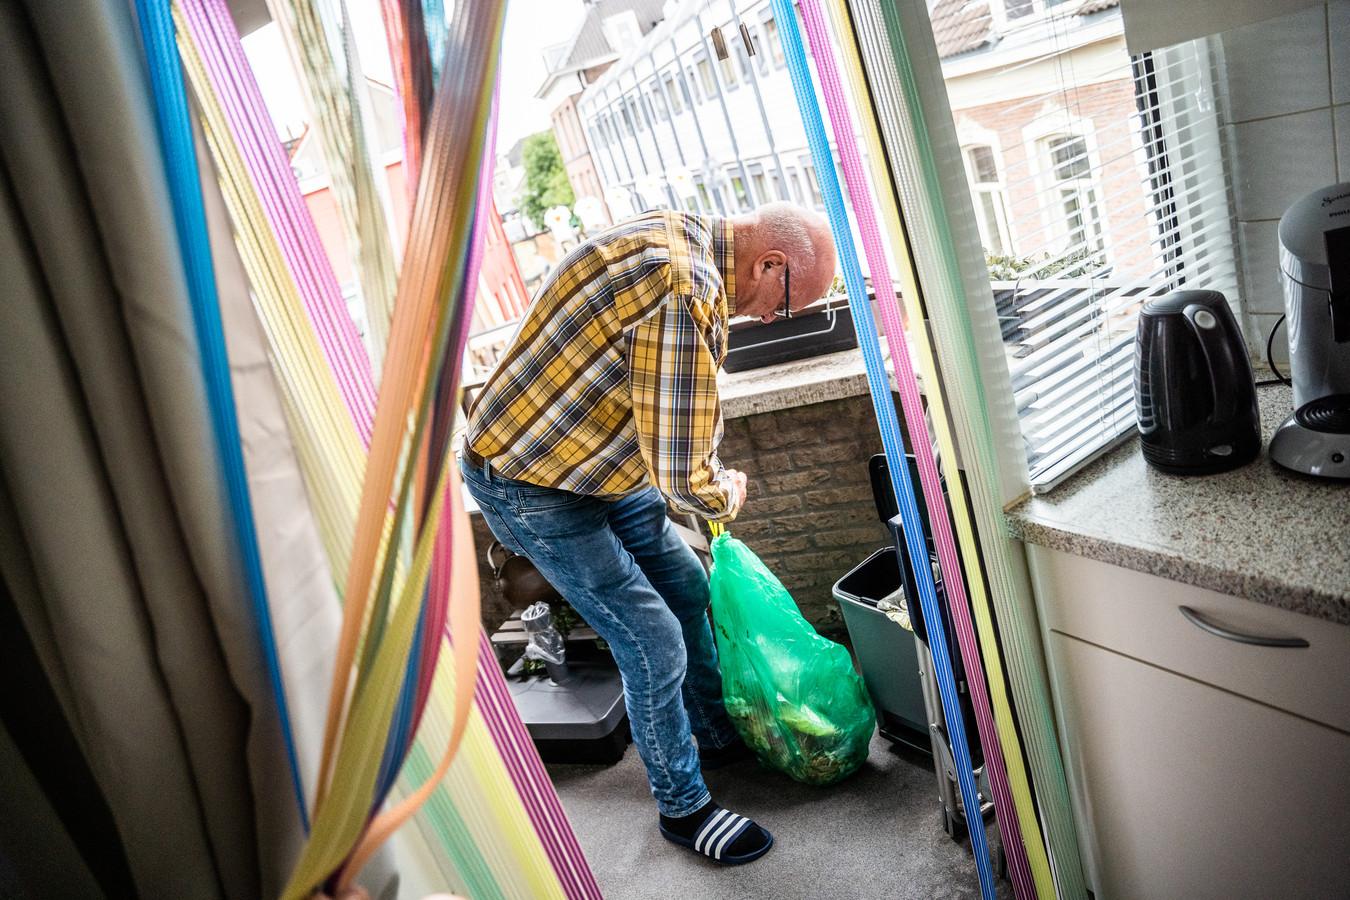 Afvalscheiding wordt onder meer als lastig ervaren door sommige bewoners van appartementen in de Arnhemse binnenstad.